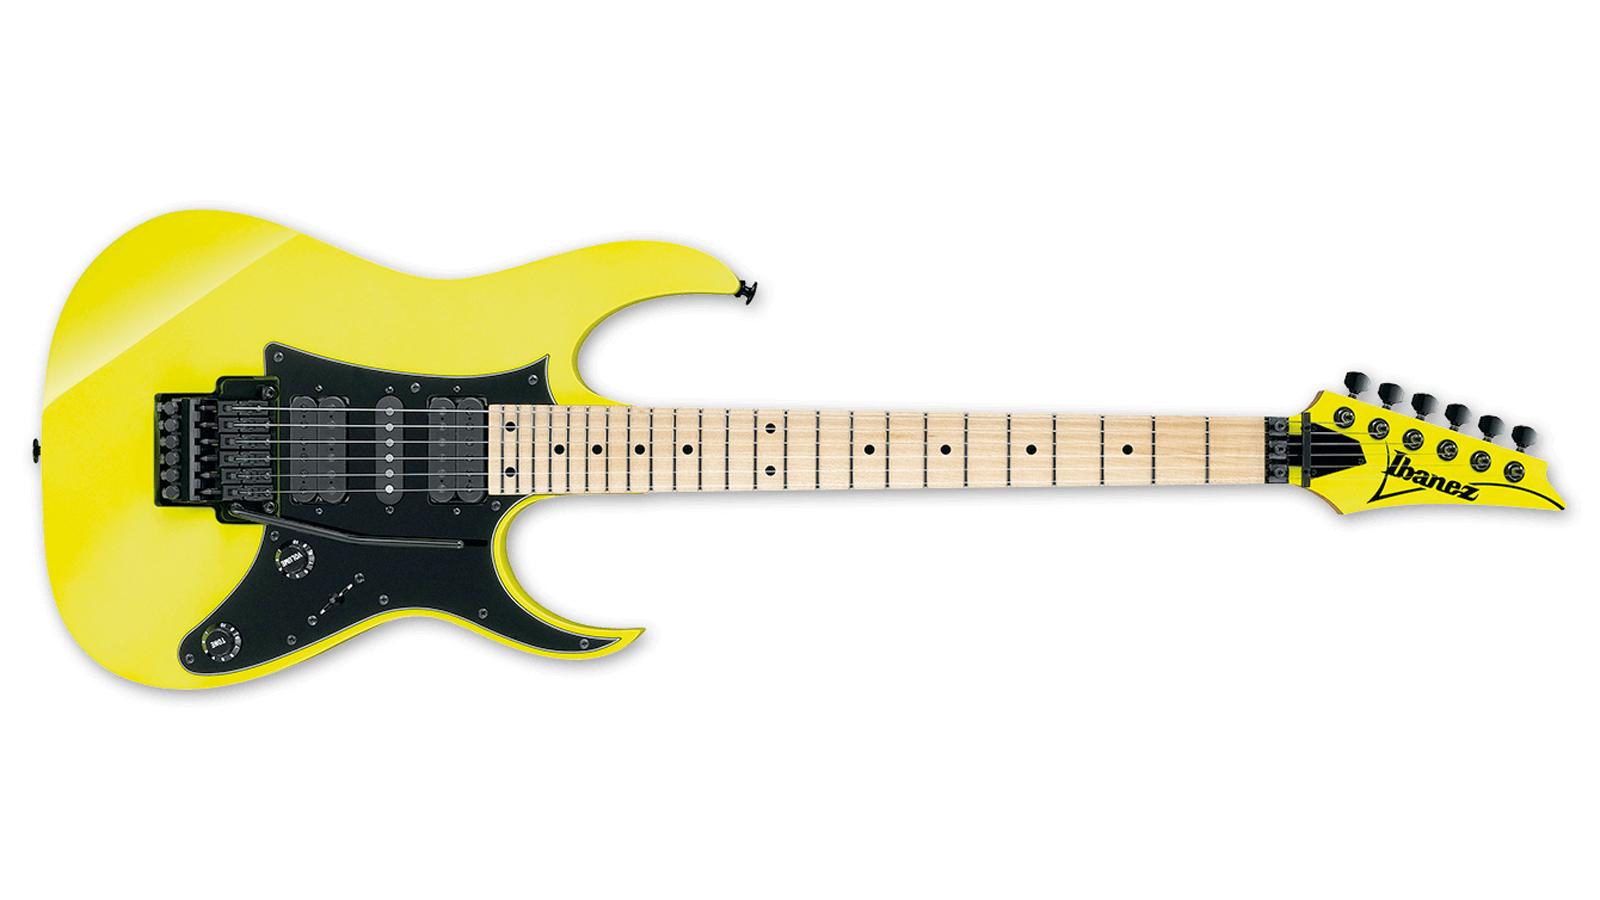 Ibanez RG550-DY E-Gitarre